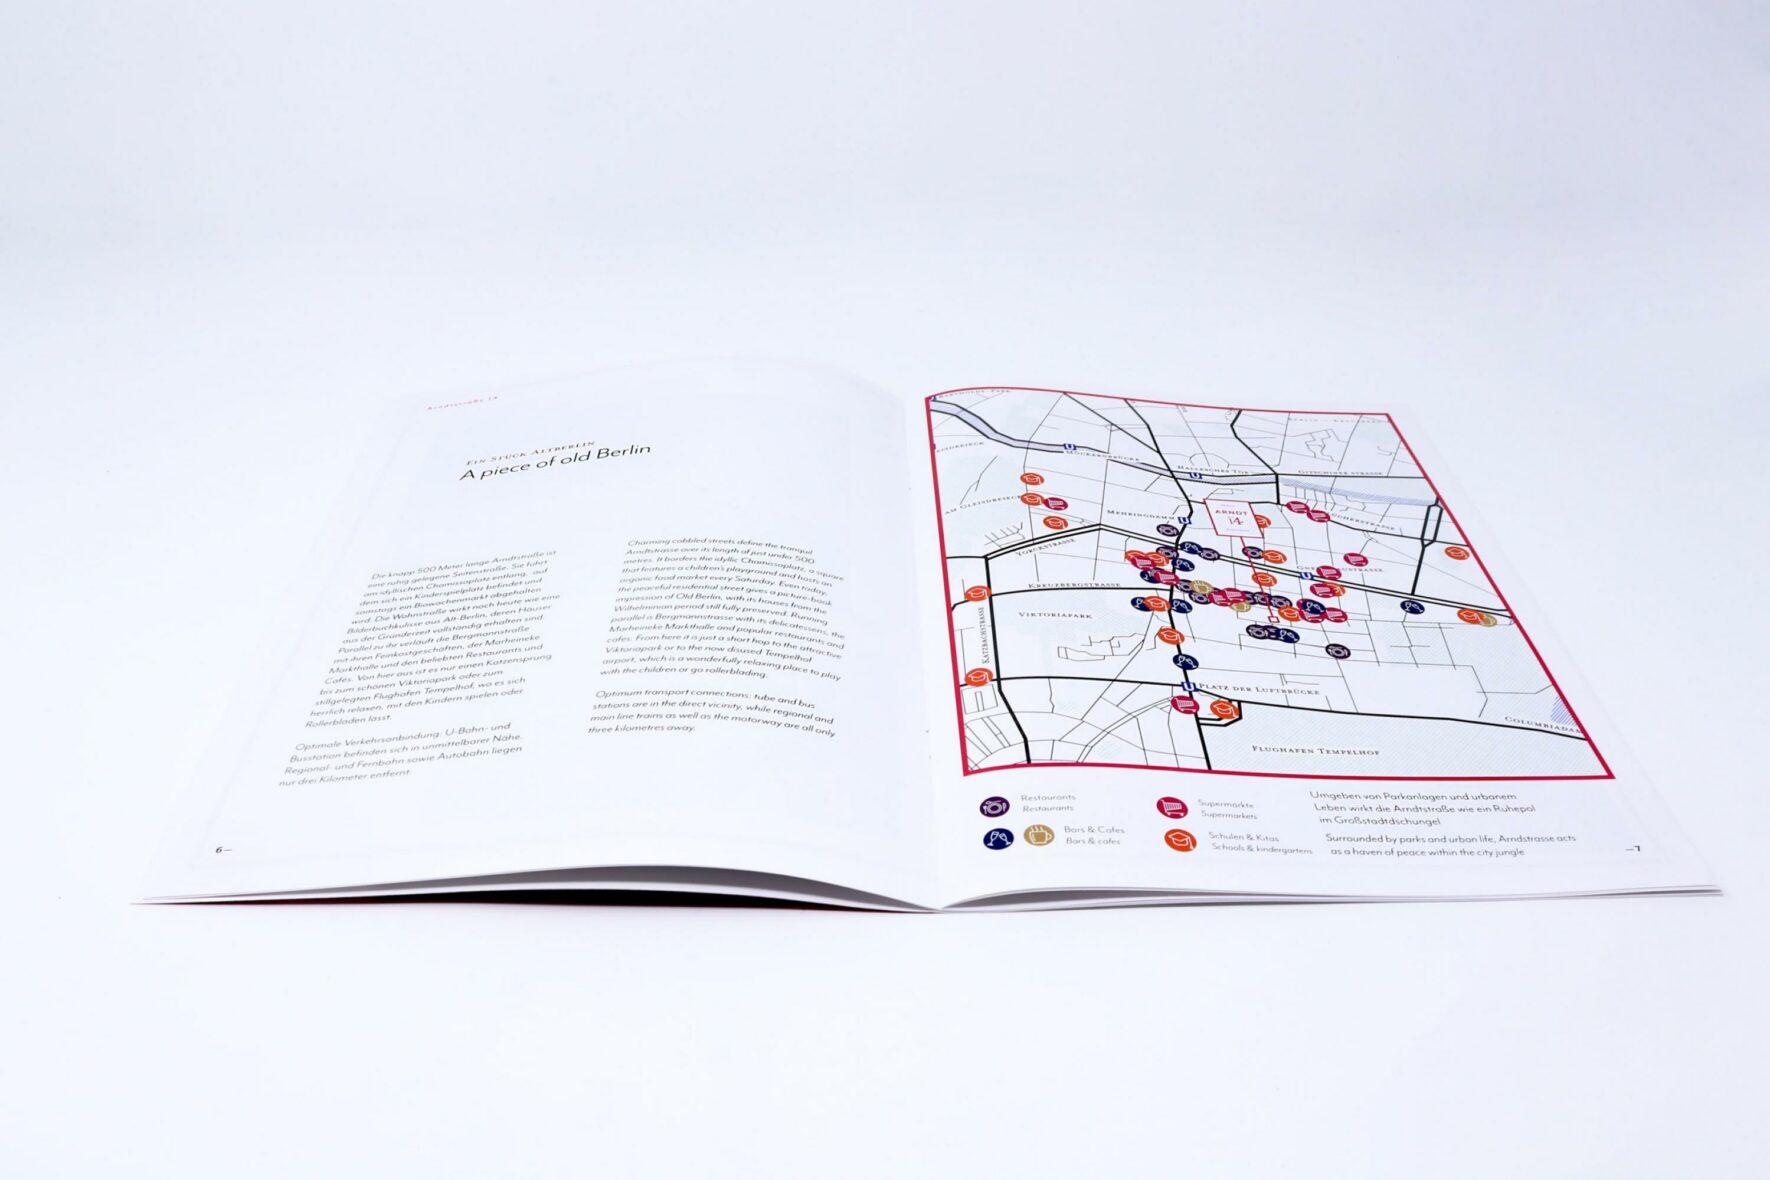 Corporate_Design-Trendcity-Immobilien-Arndt_Broschüre-Layout-3